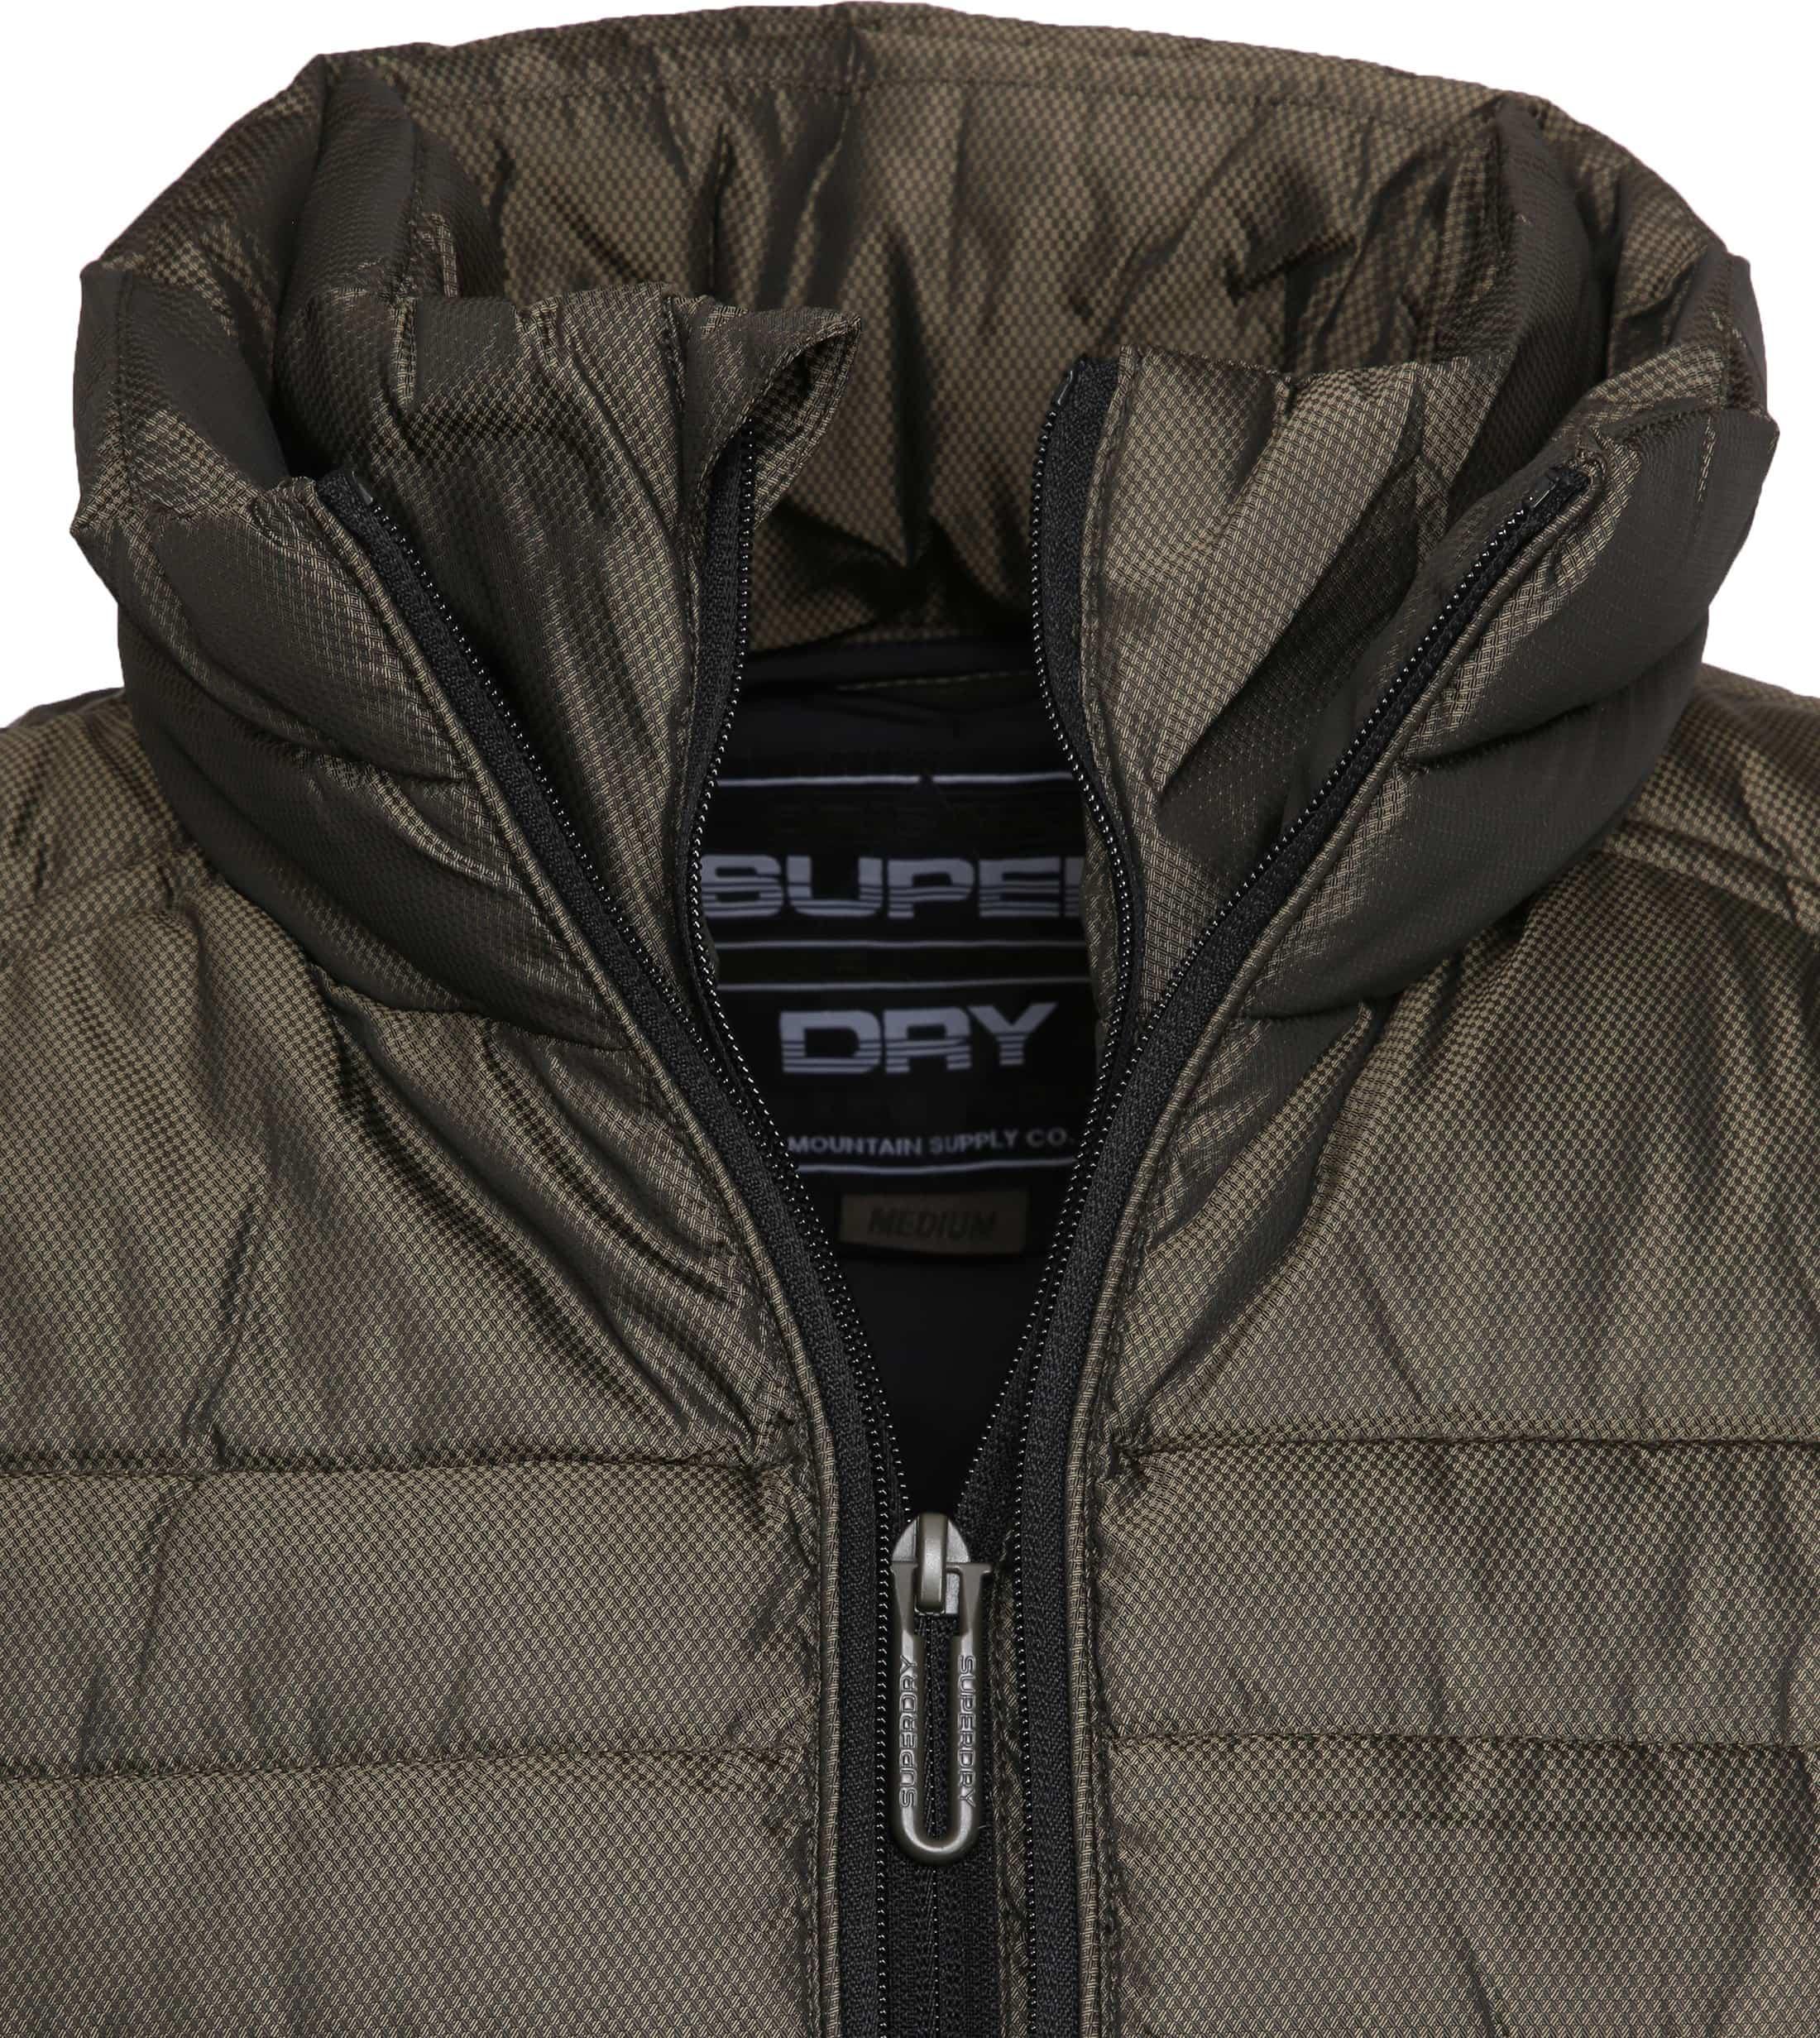 Superdry Fuji Double Zip Jack Donkergroen foto 1